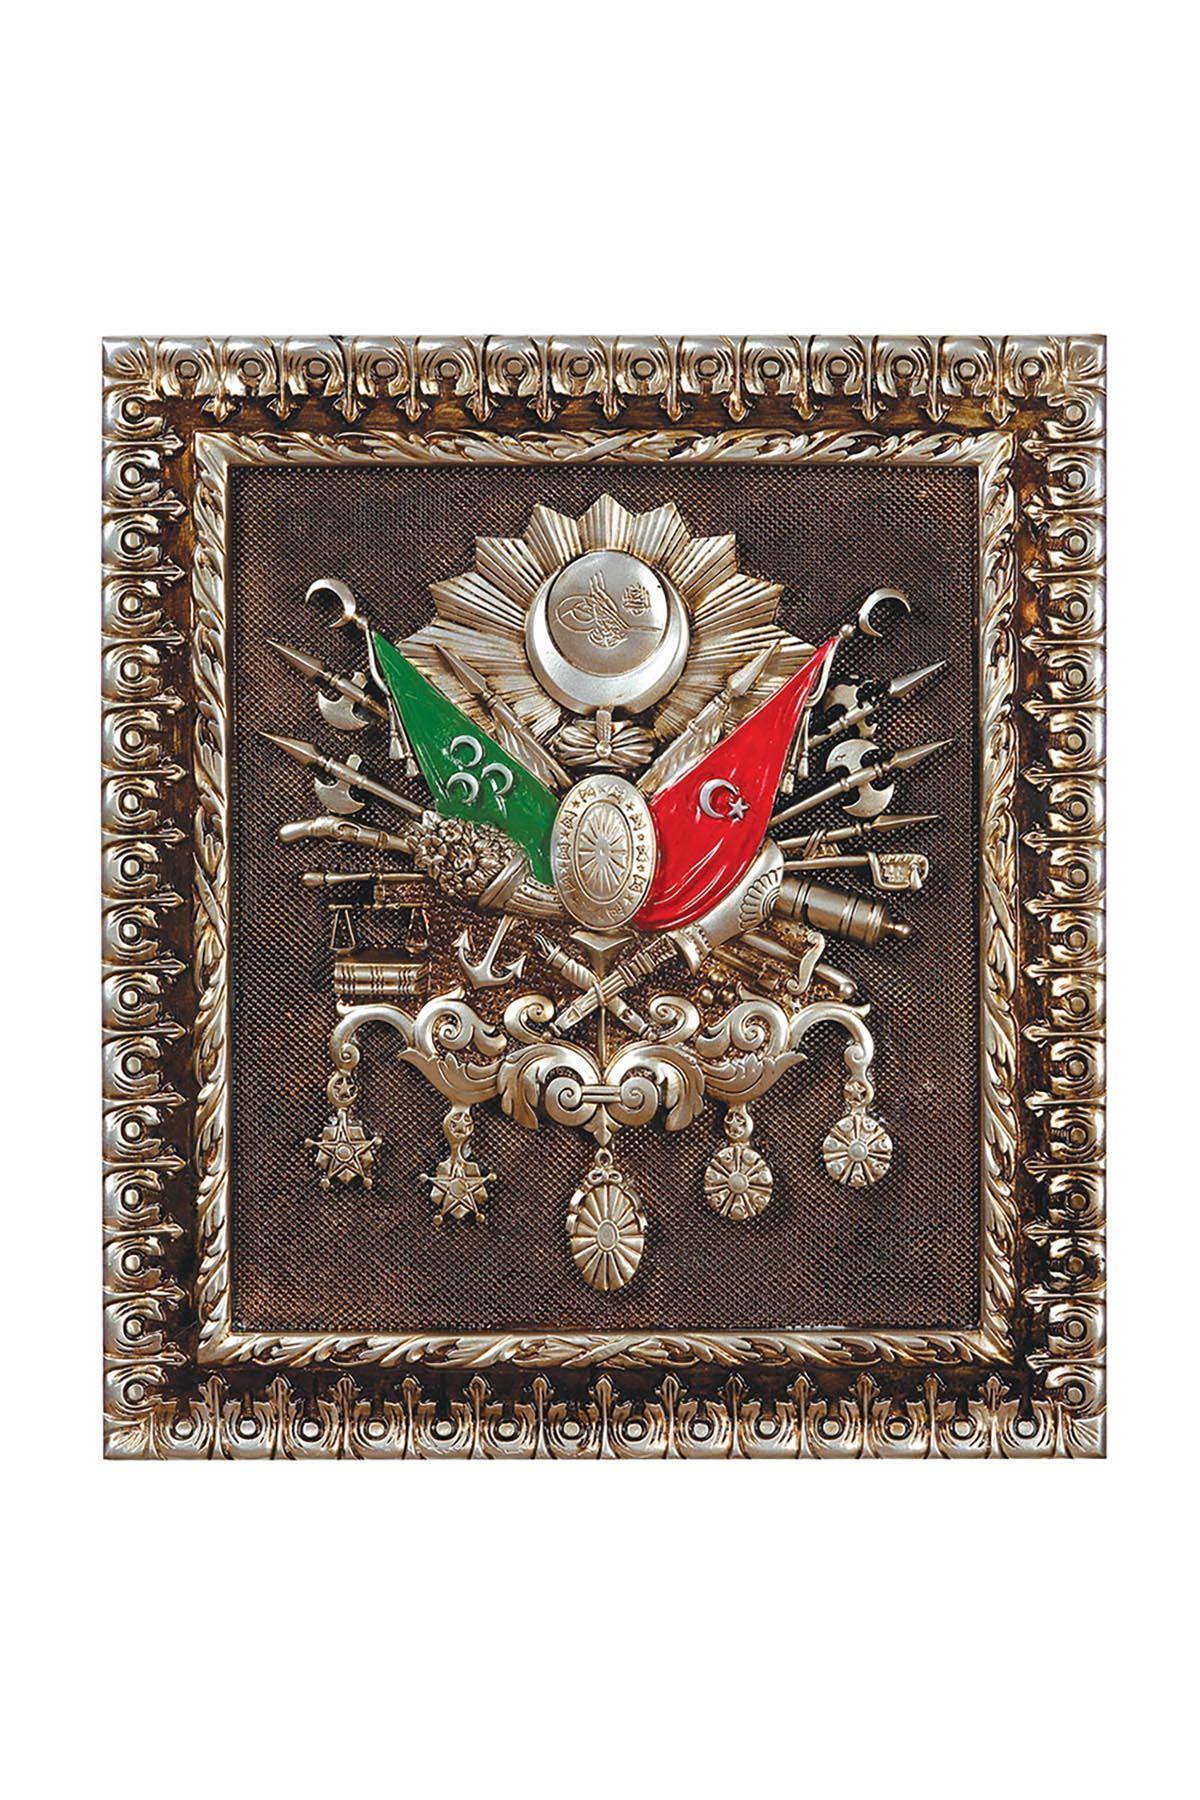 Osmanlı Devlet Arması Gümüş